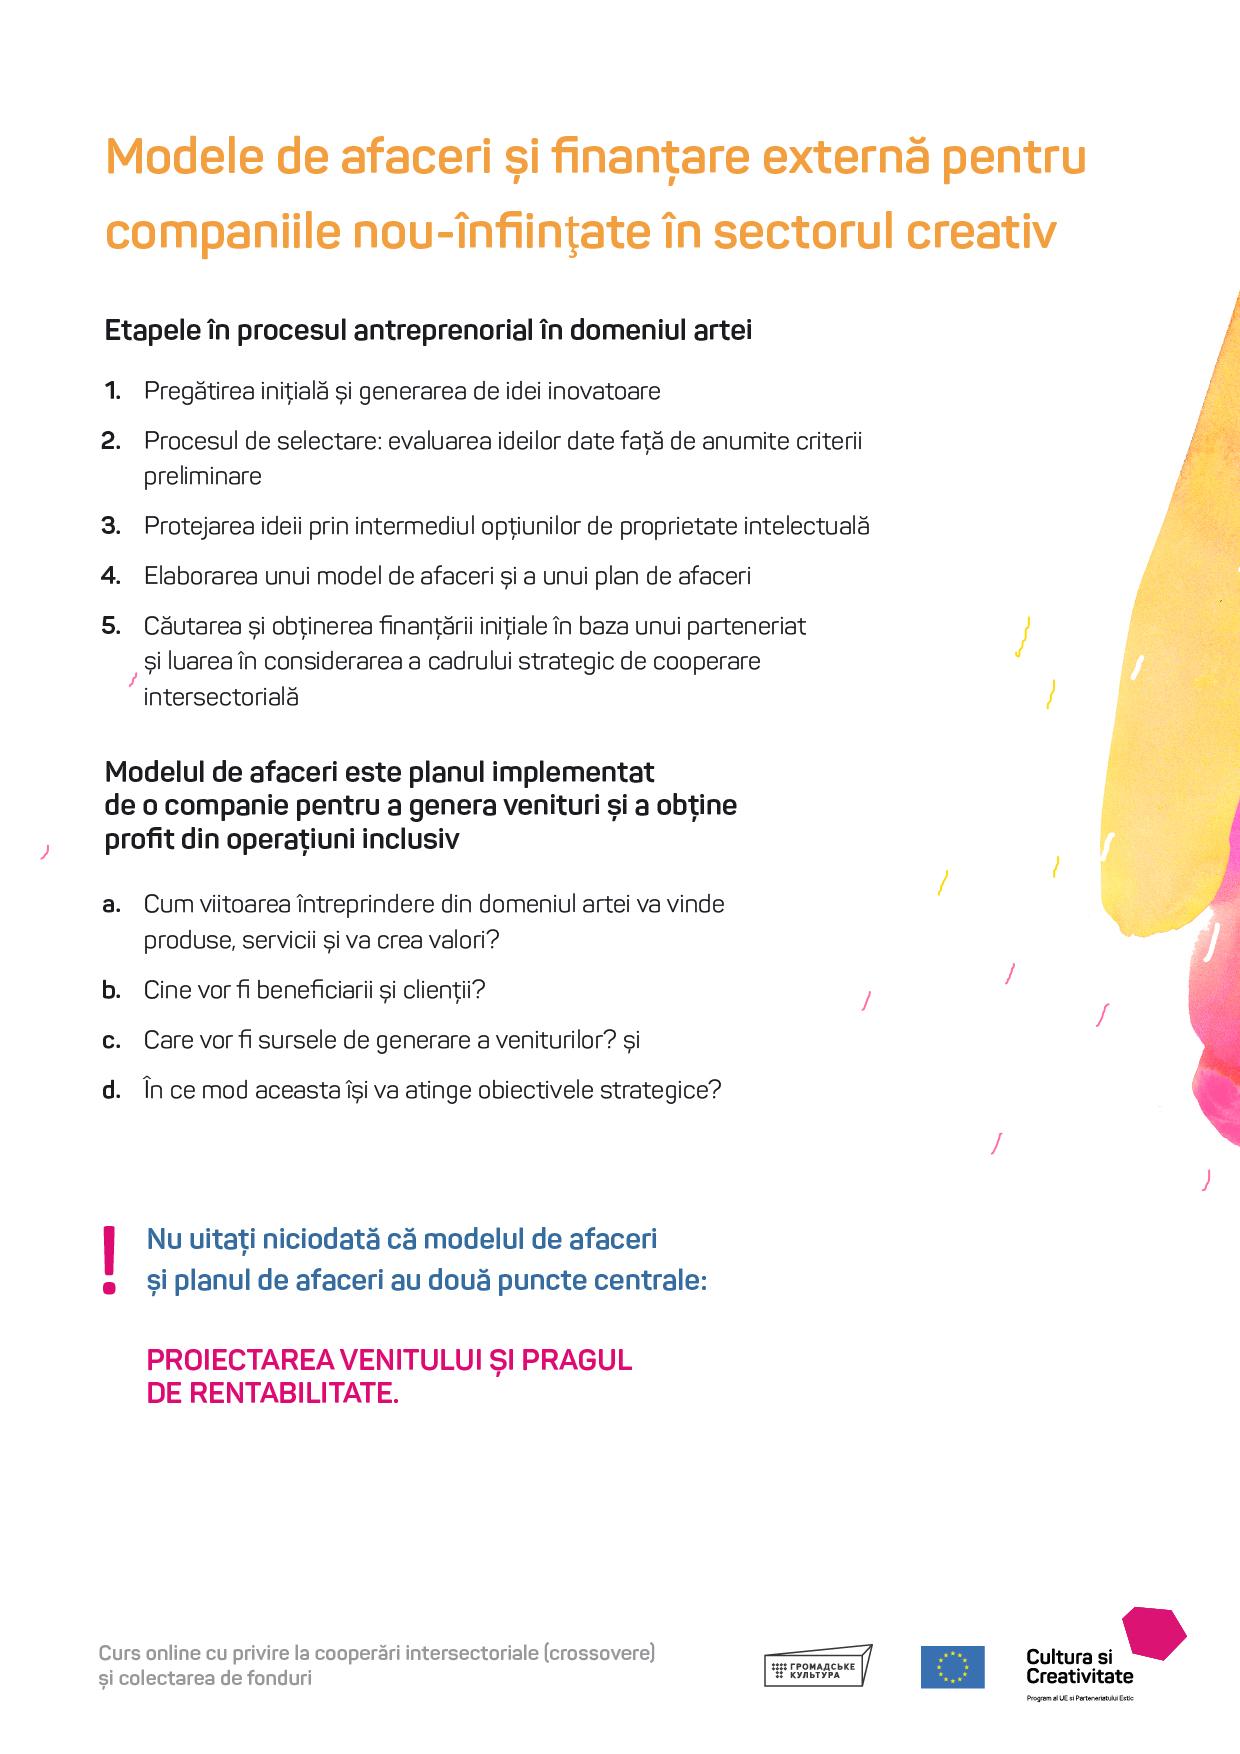 finanțarea afacerilor pe opțiuni)